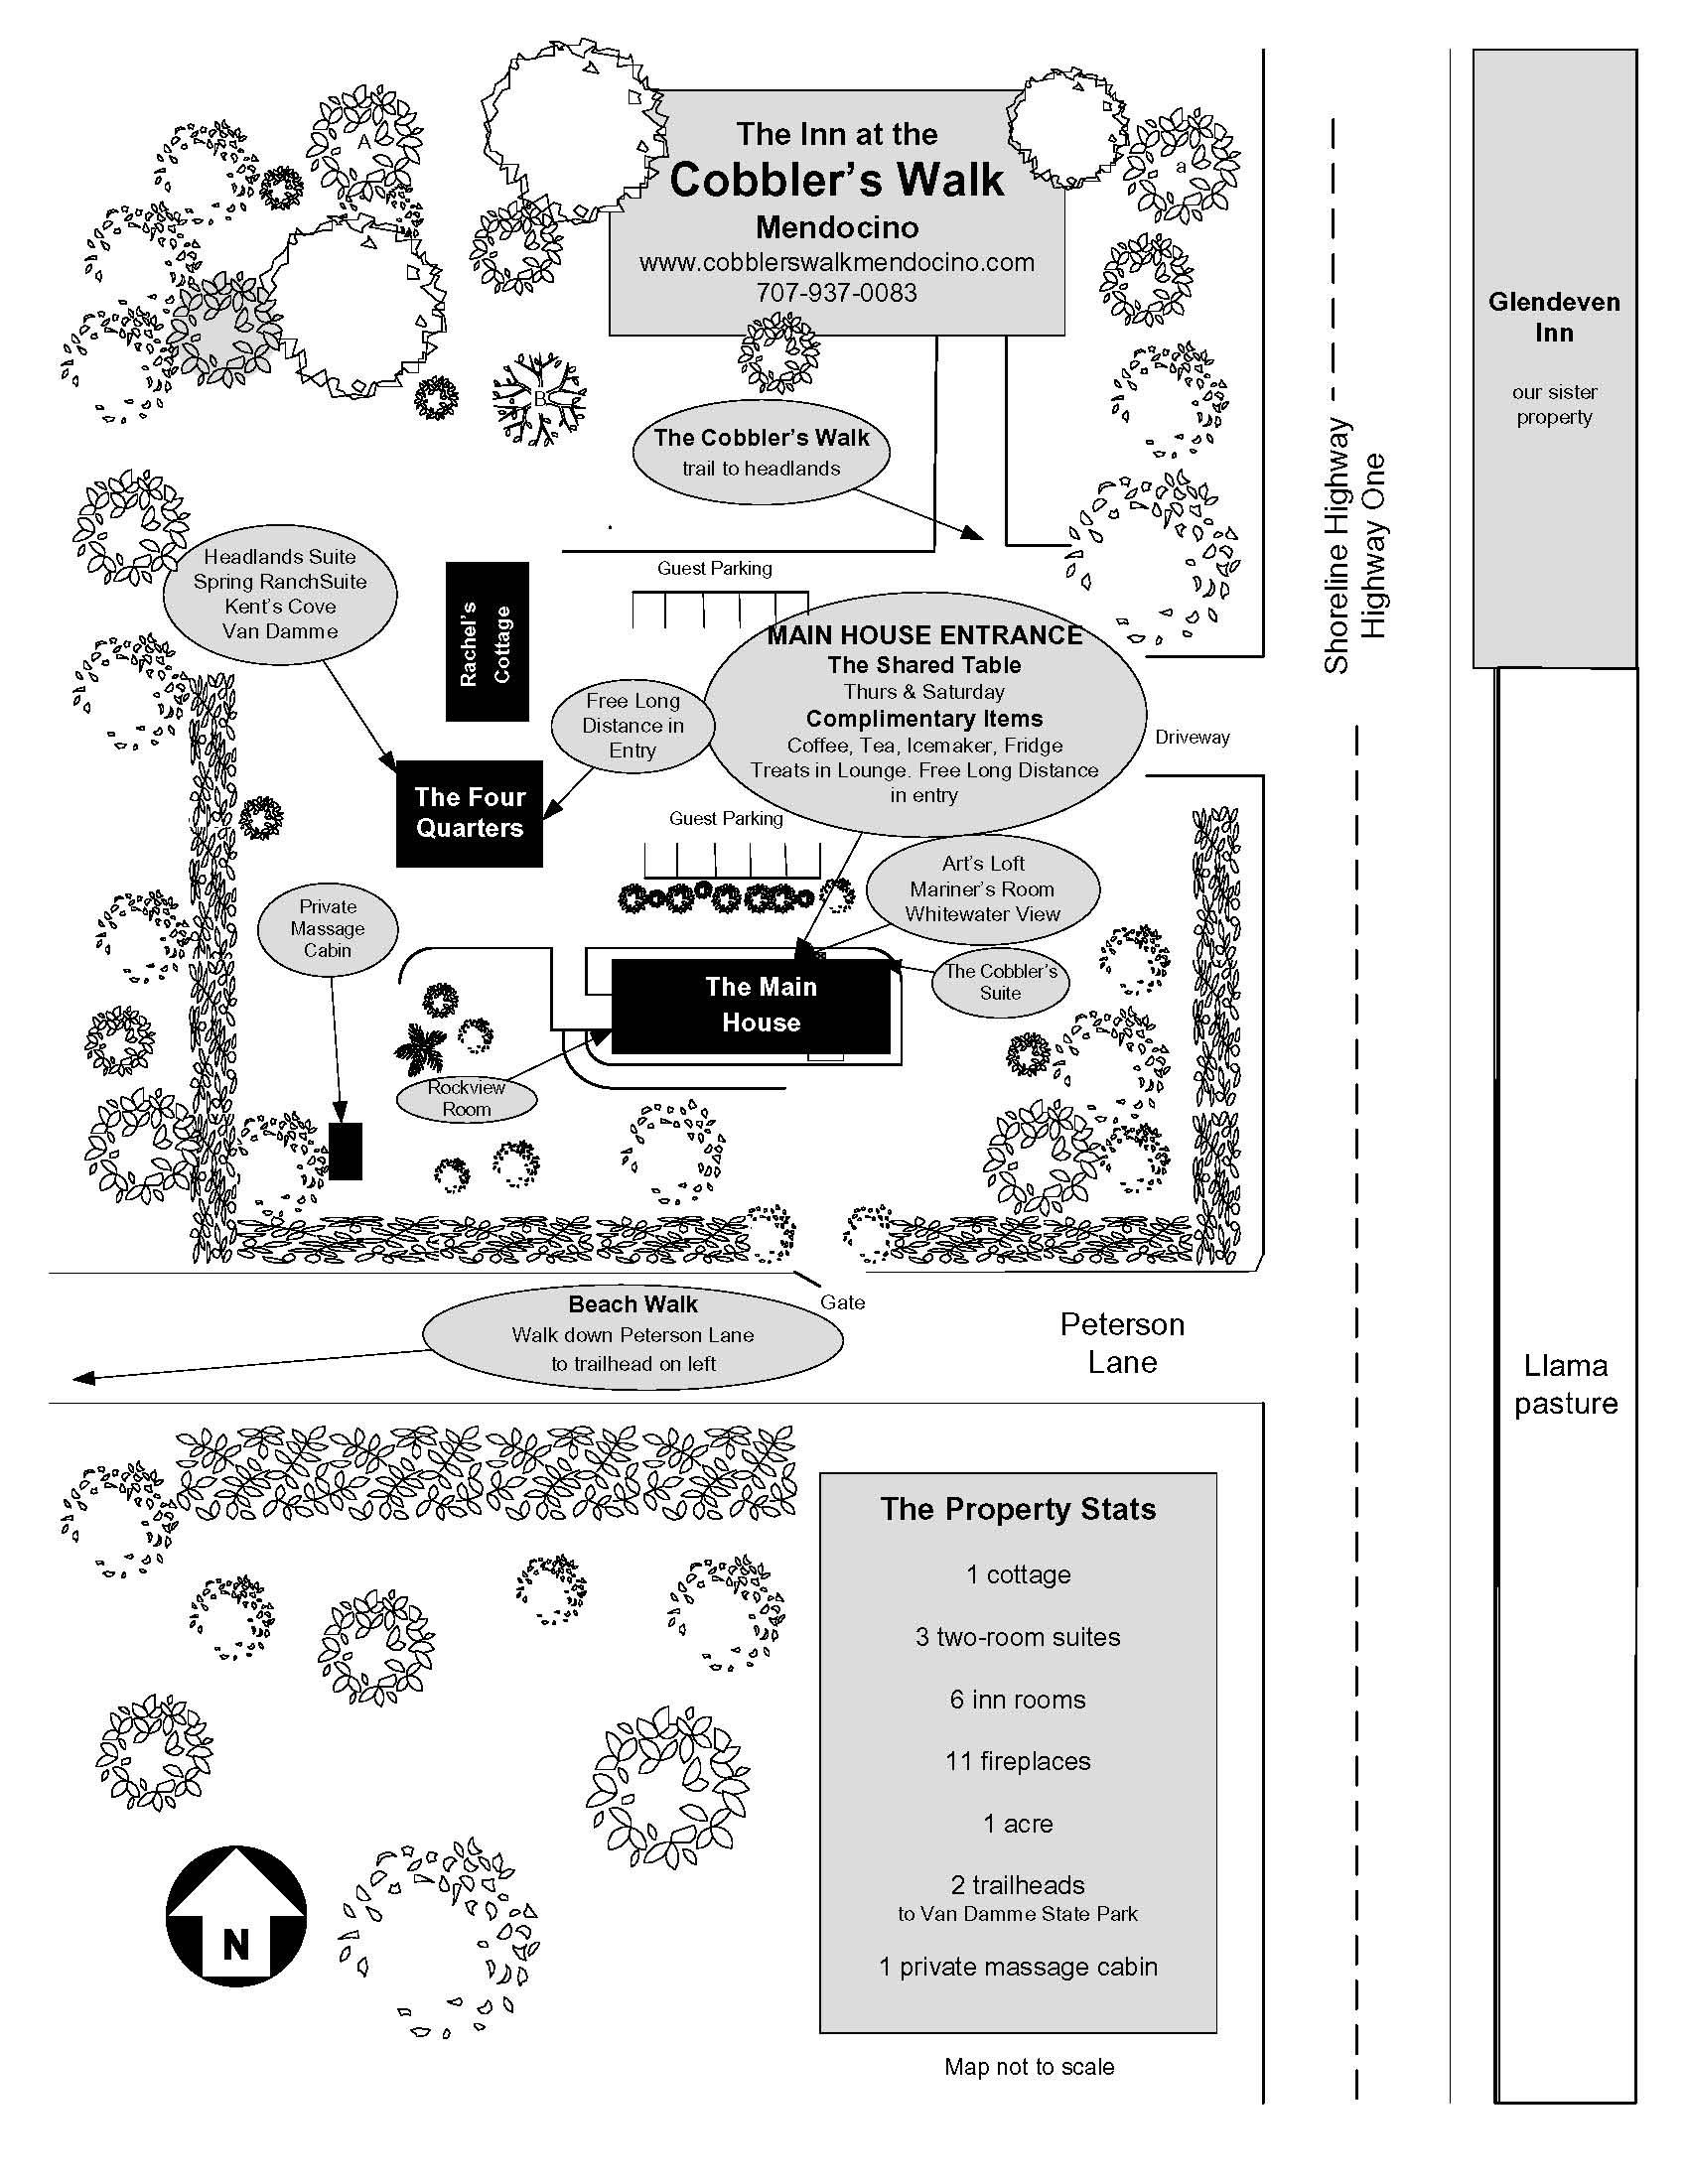 Visio-Inn Plan Map Cobblers Feb 2018 2.jpg